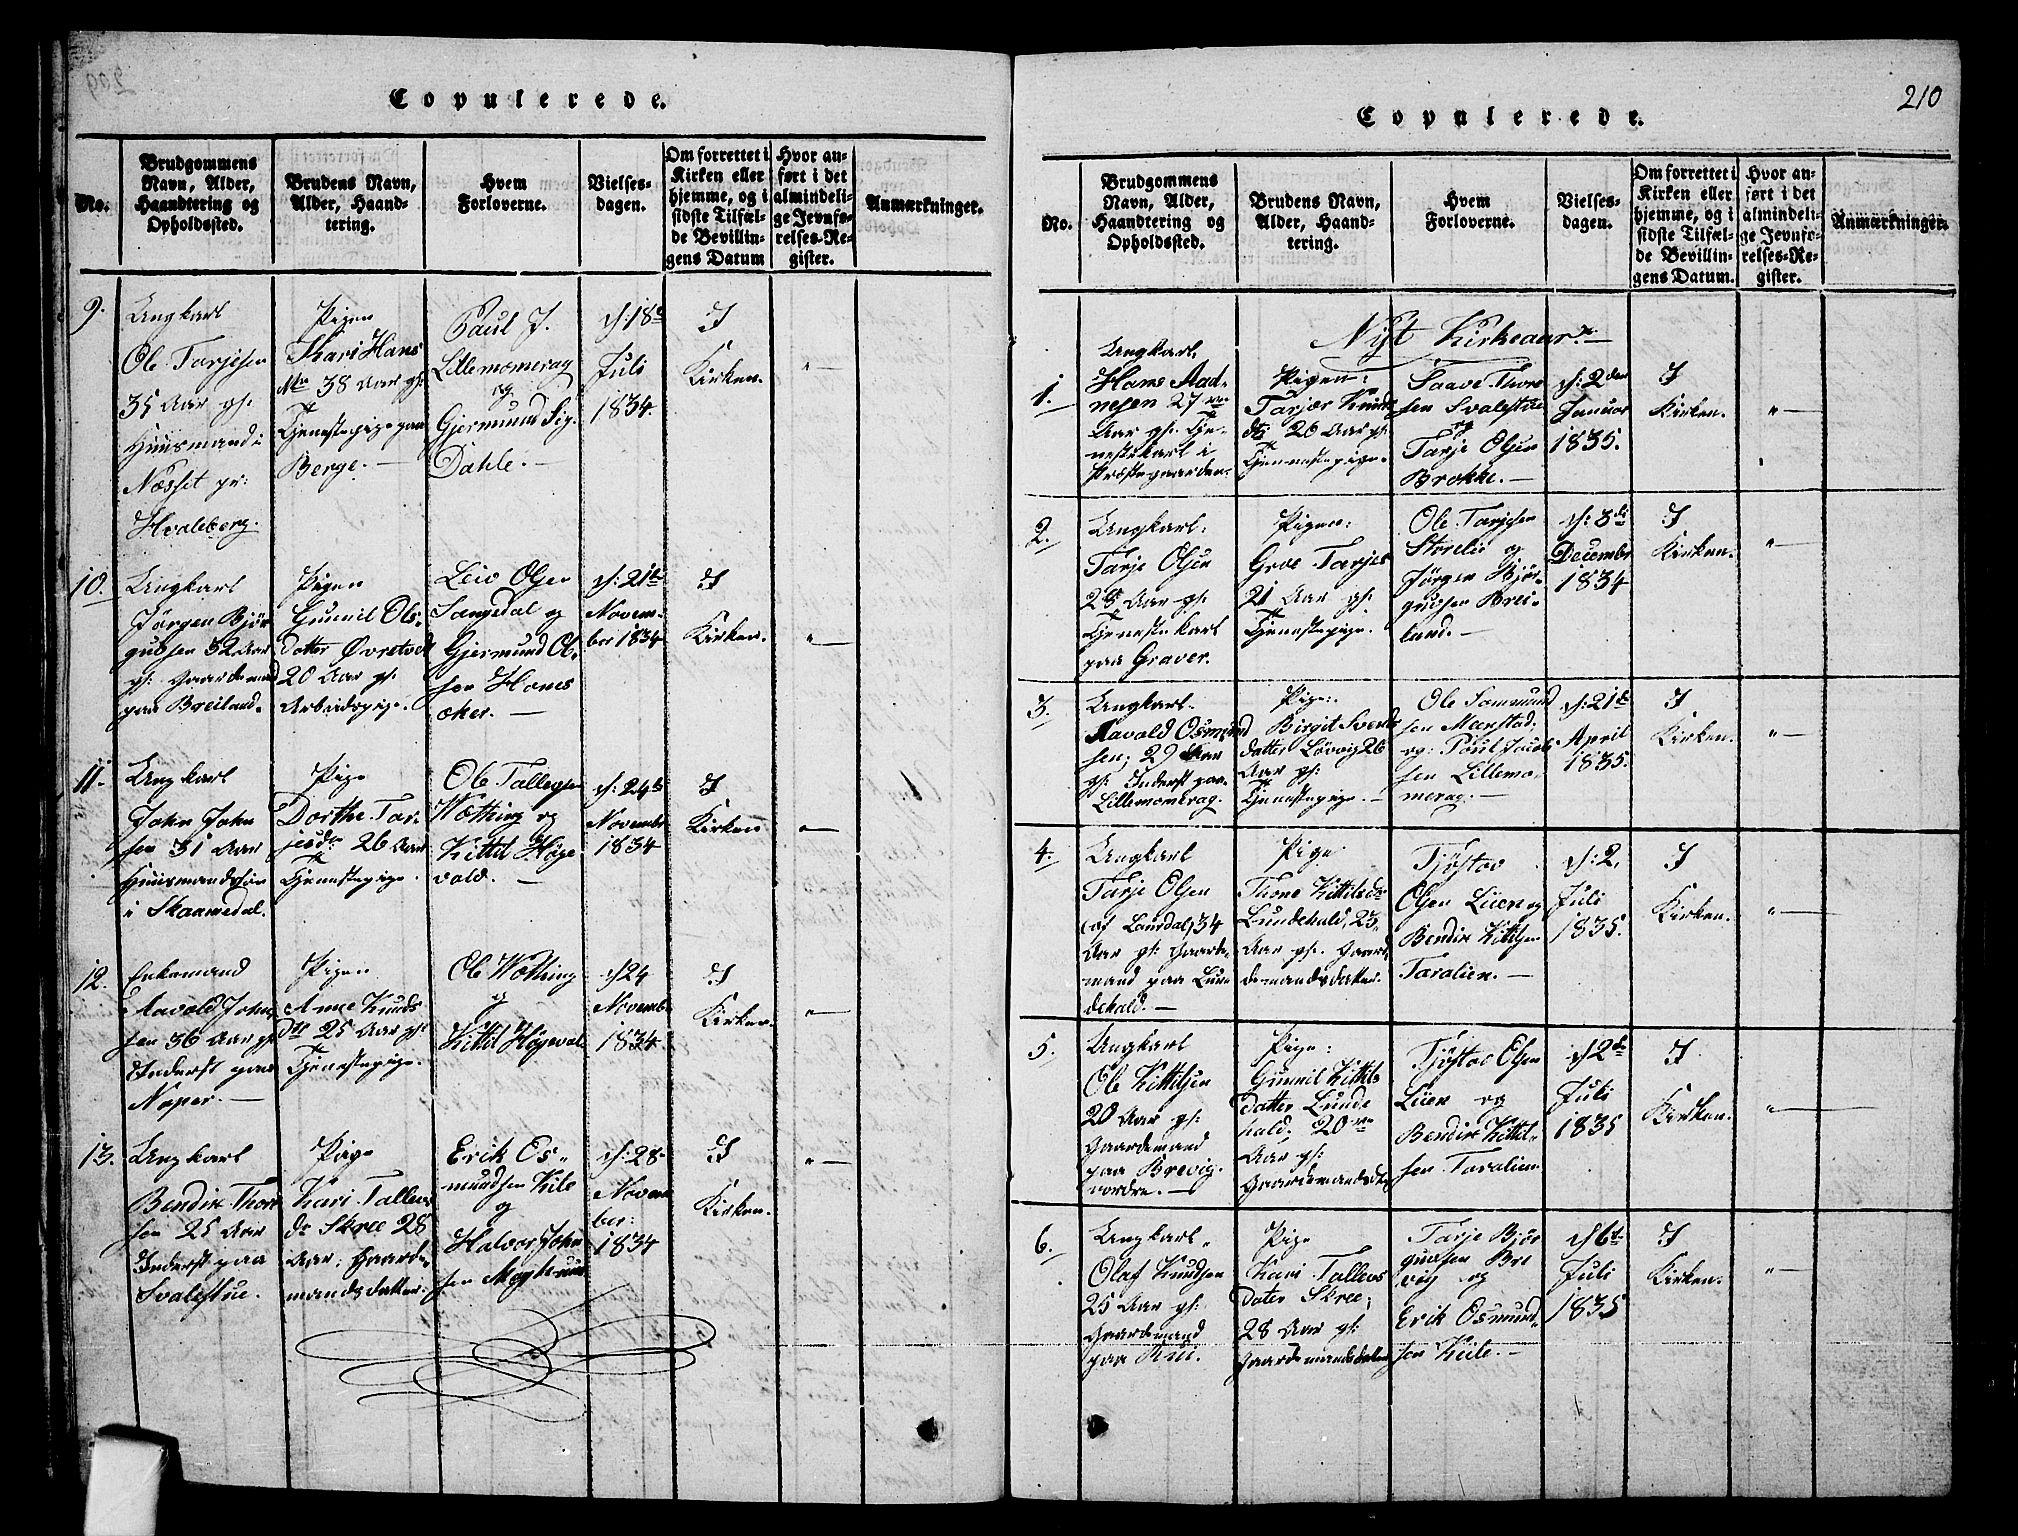 SAKO, Fyresdal kirkebøker, G/Ga/L0001: Klokkerbok nr. I 1, 1816-1840, s. 210